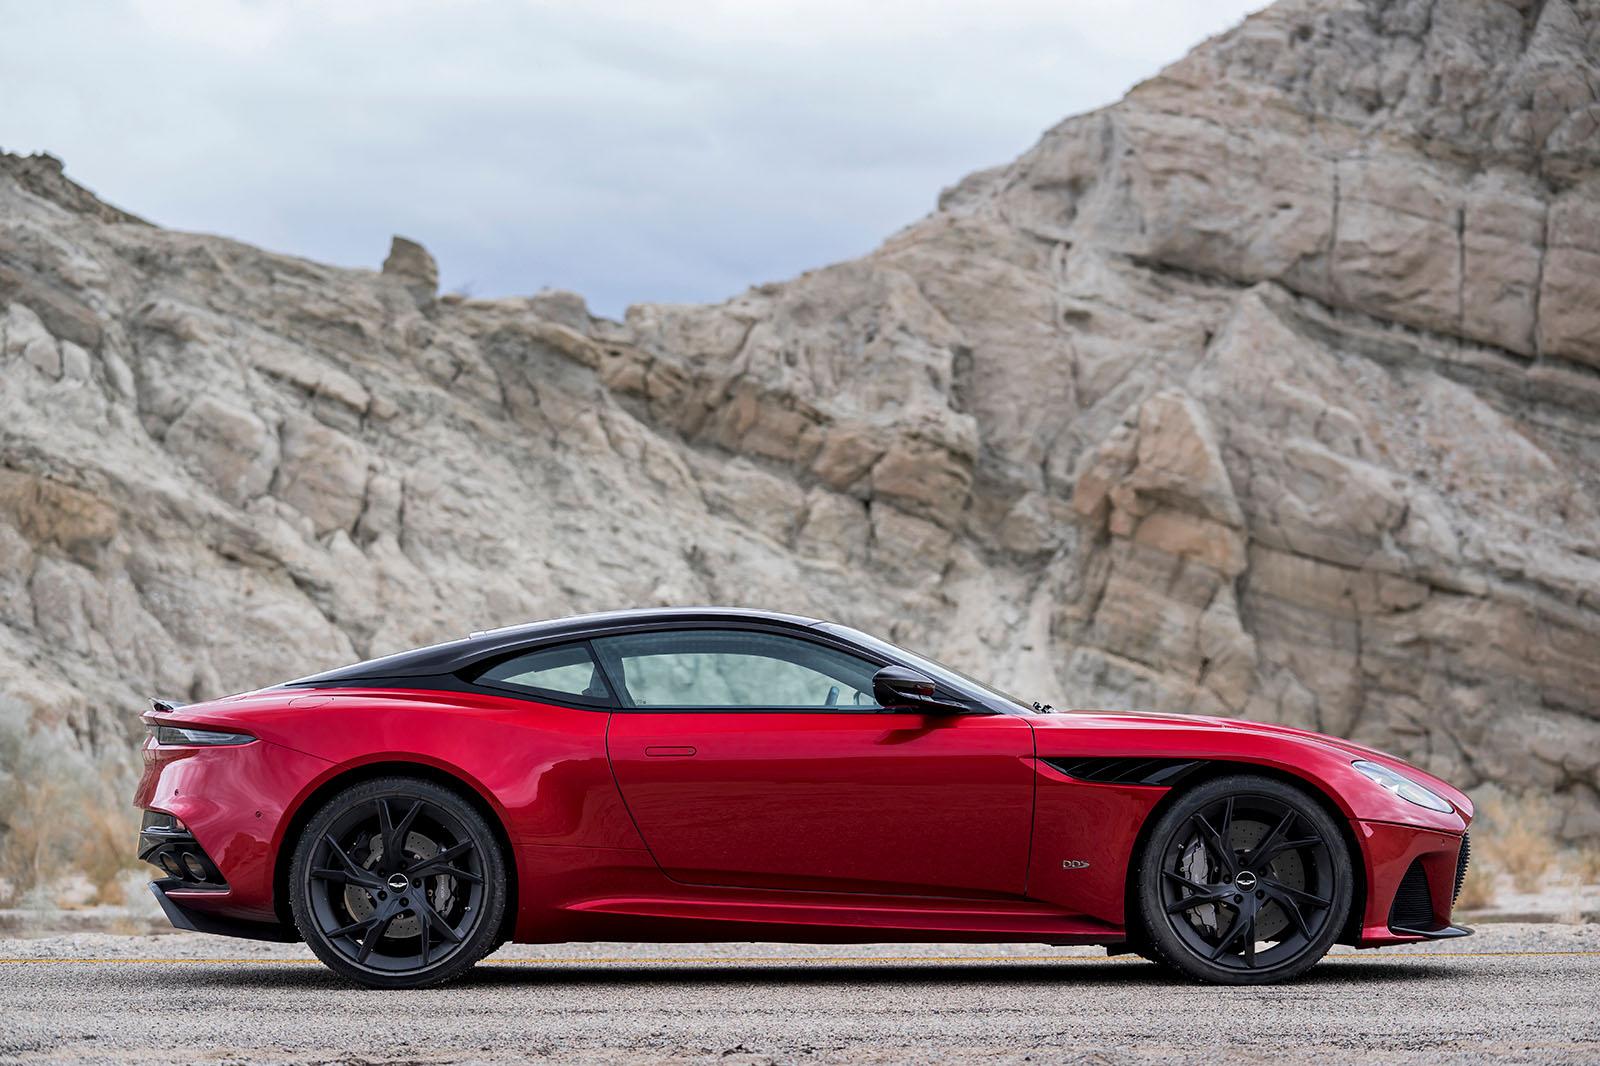 Руководитель Aston Martin по поводу того, почему DBS Superleggera по-прежнему является надлежащим GT